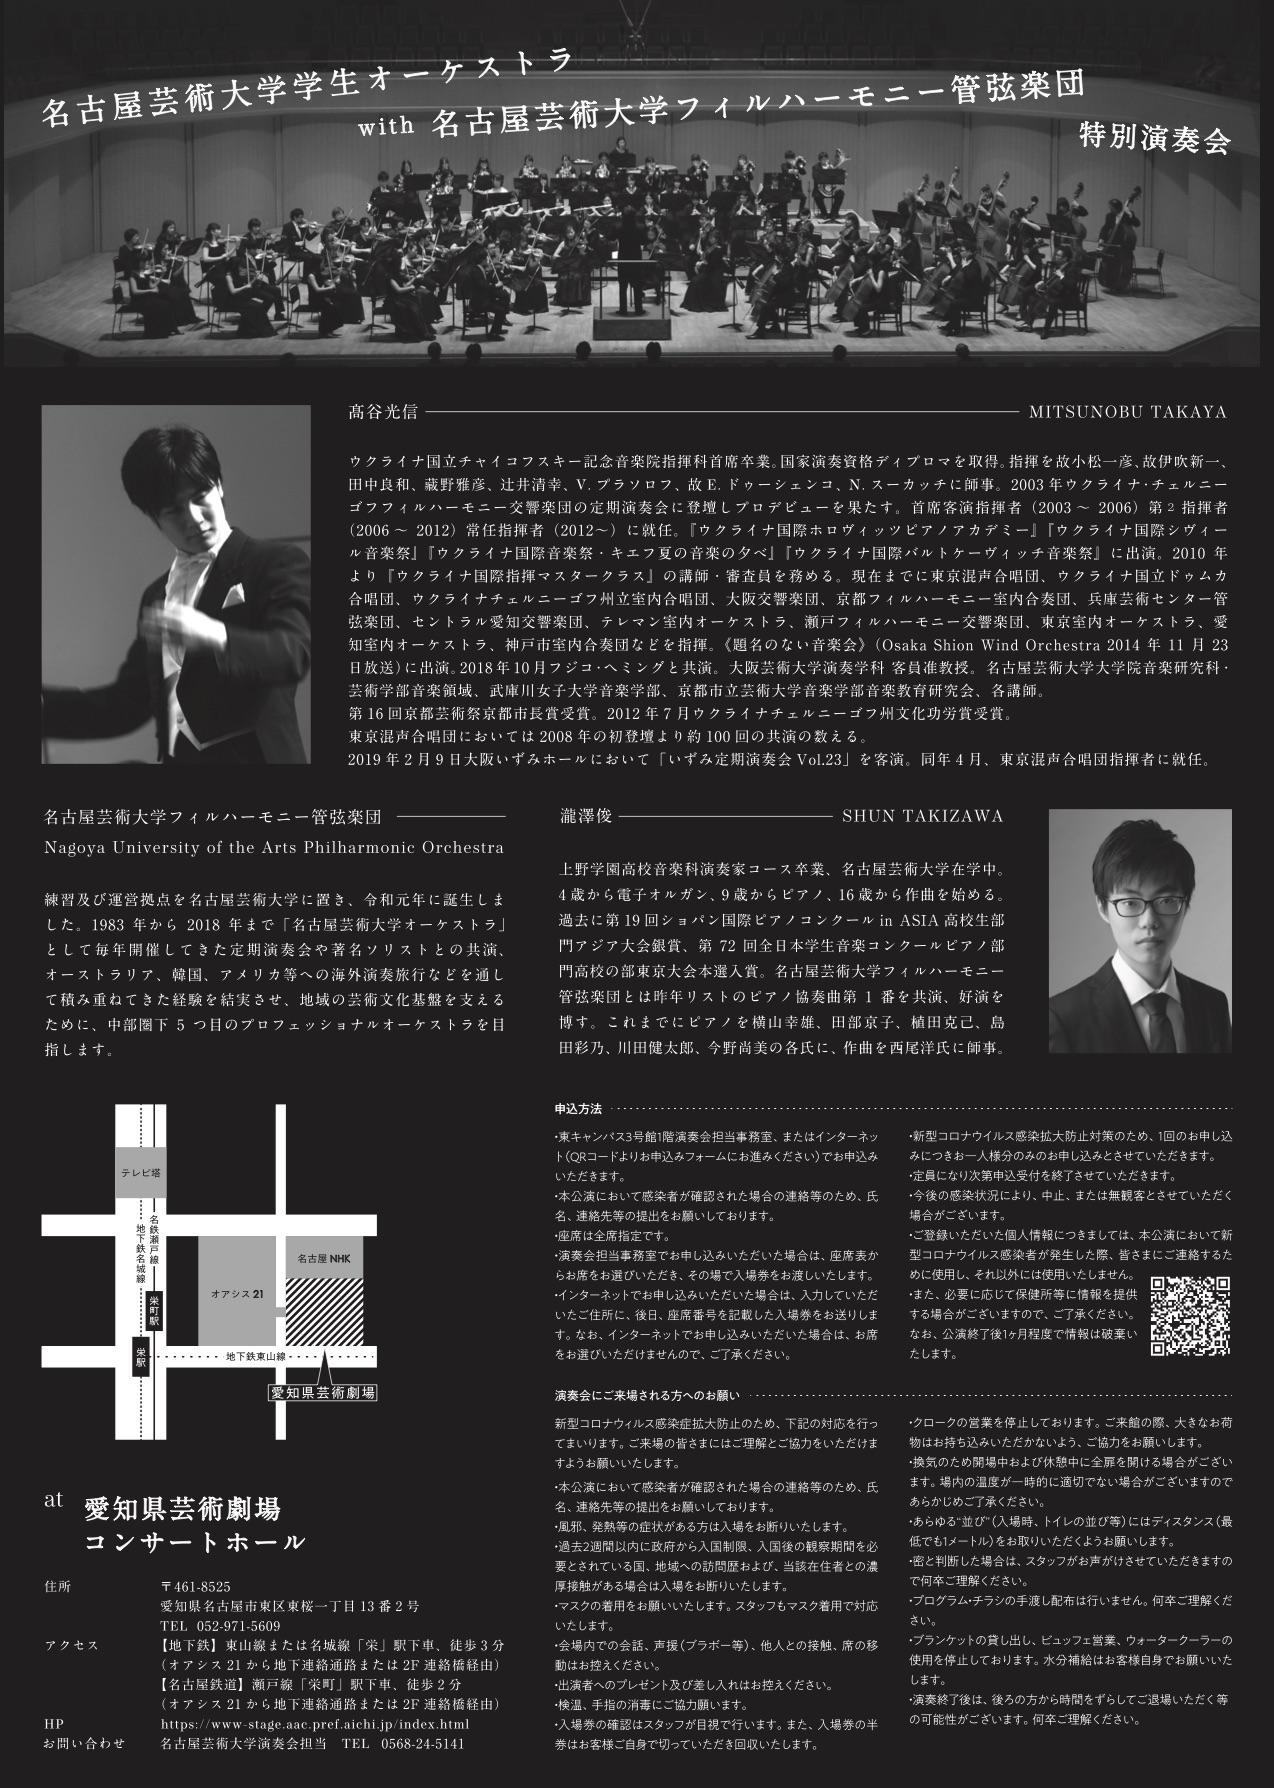 名古屋芸術大学学生オーケストラwith名古屋芸術フィルハーモニー管弦楽団~特別演奏会~